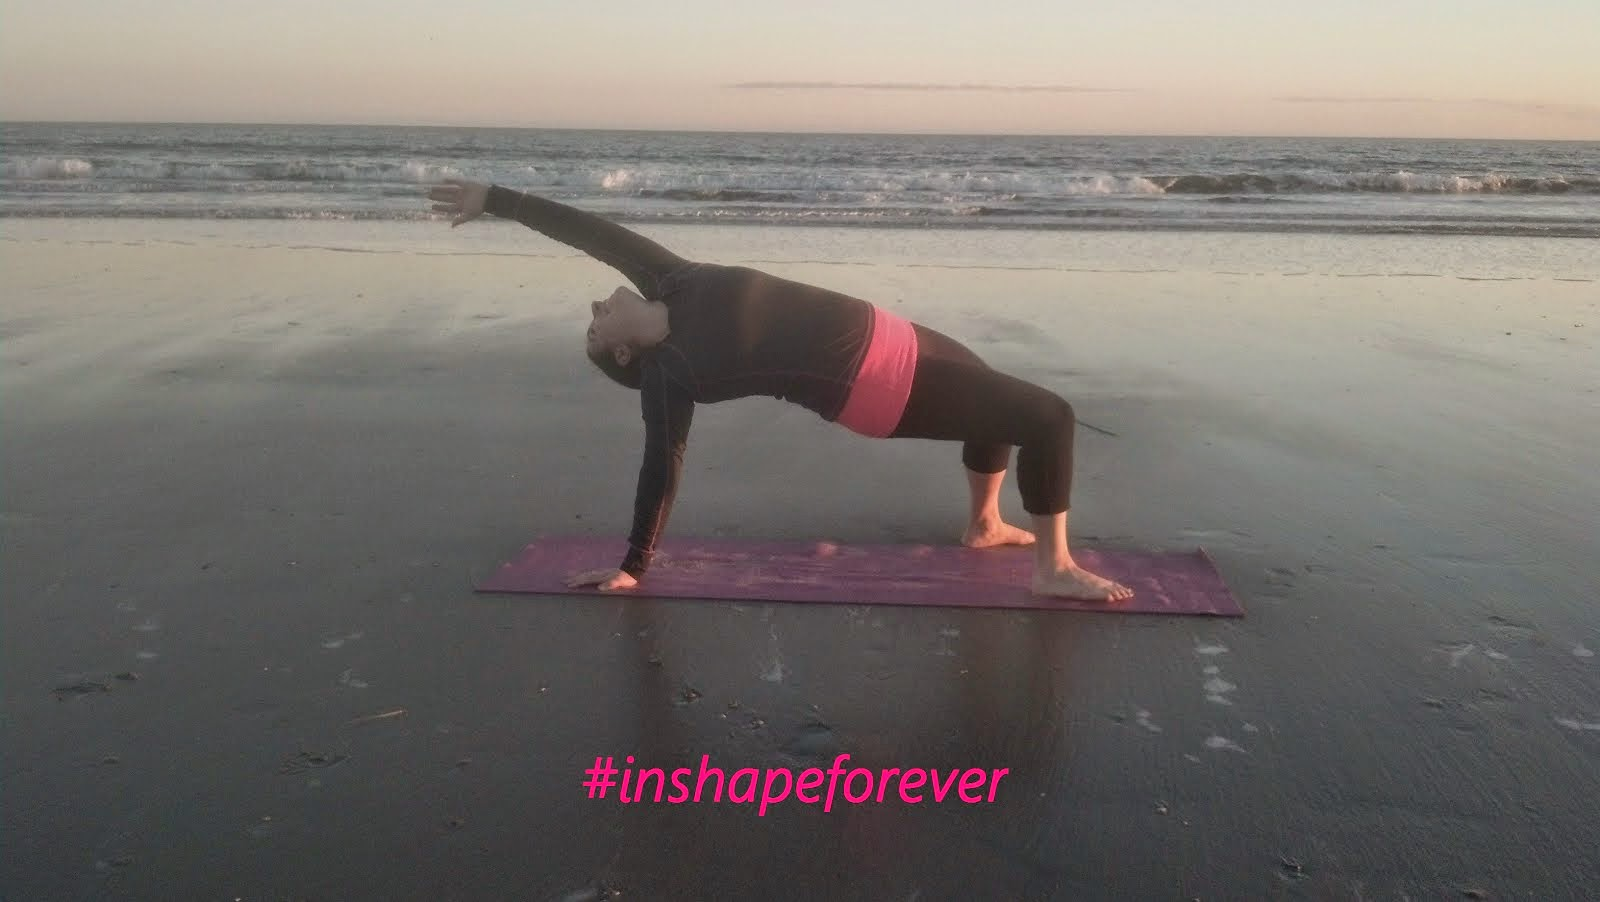 #InShapeForever